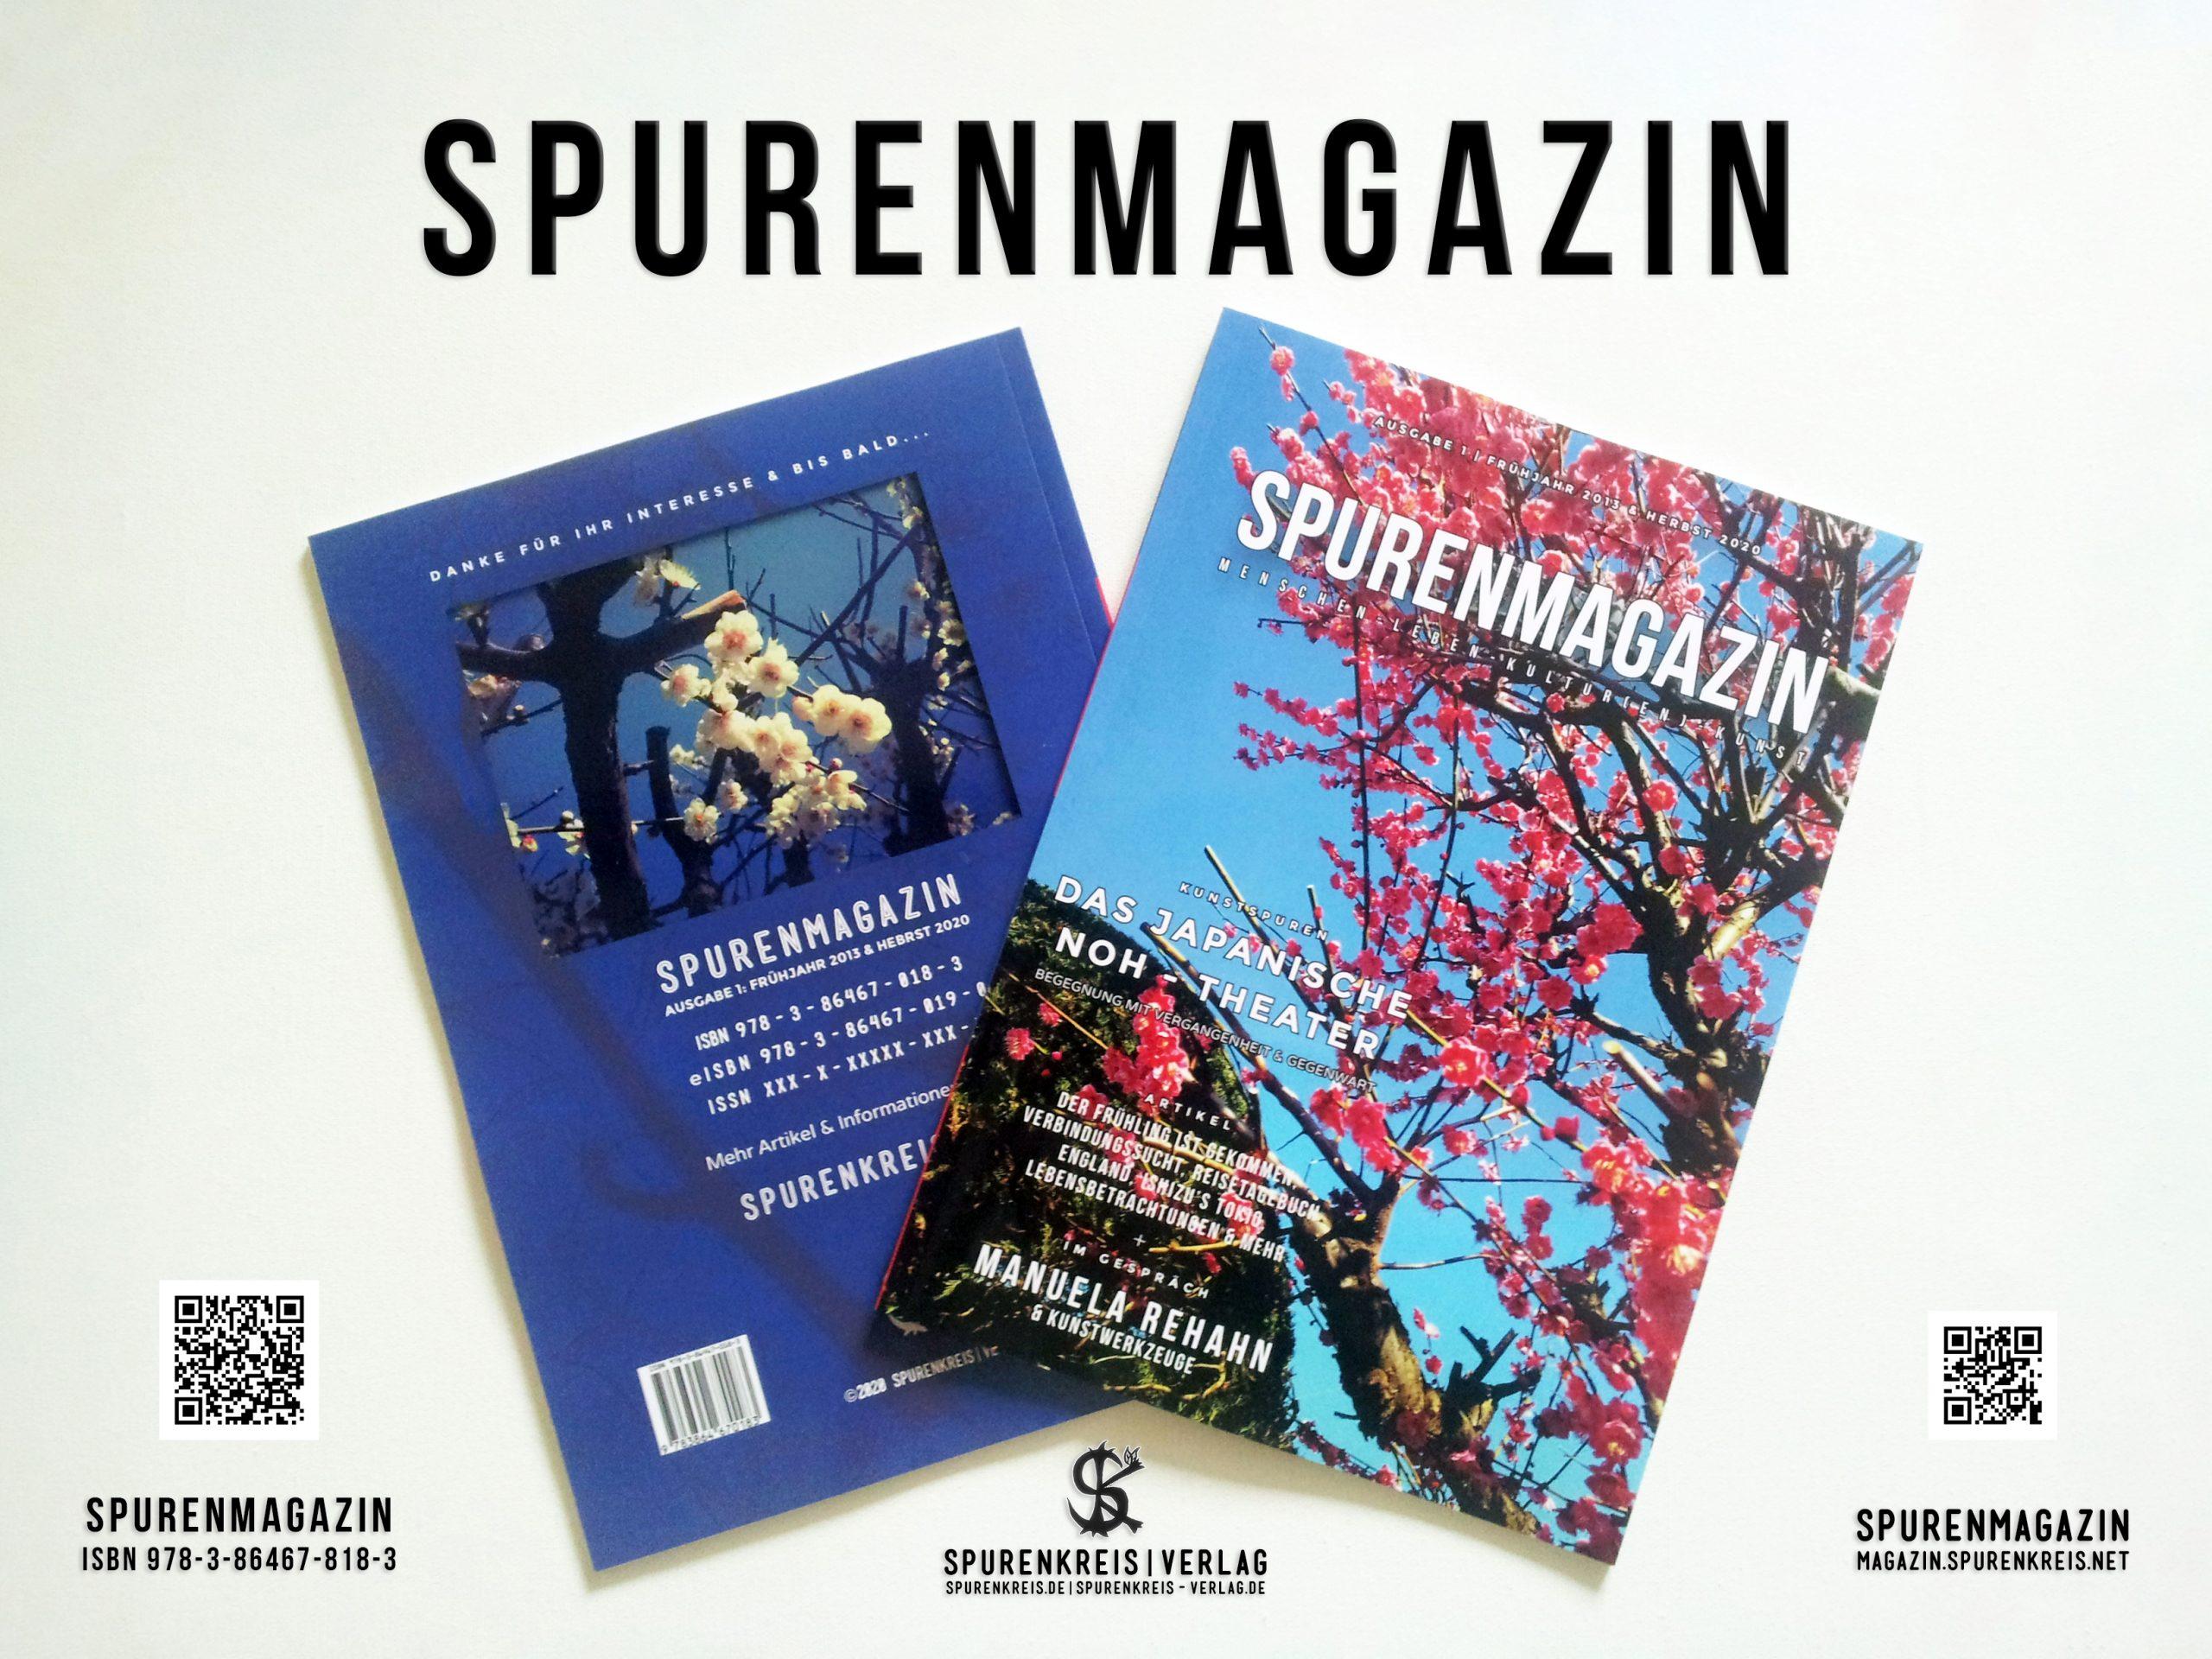 Zur Druckausgabe des 1. Spurenmagazins